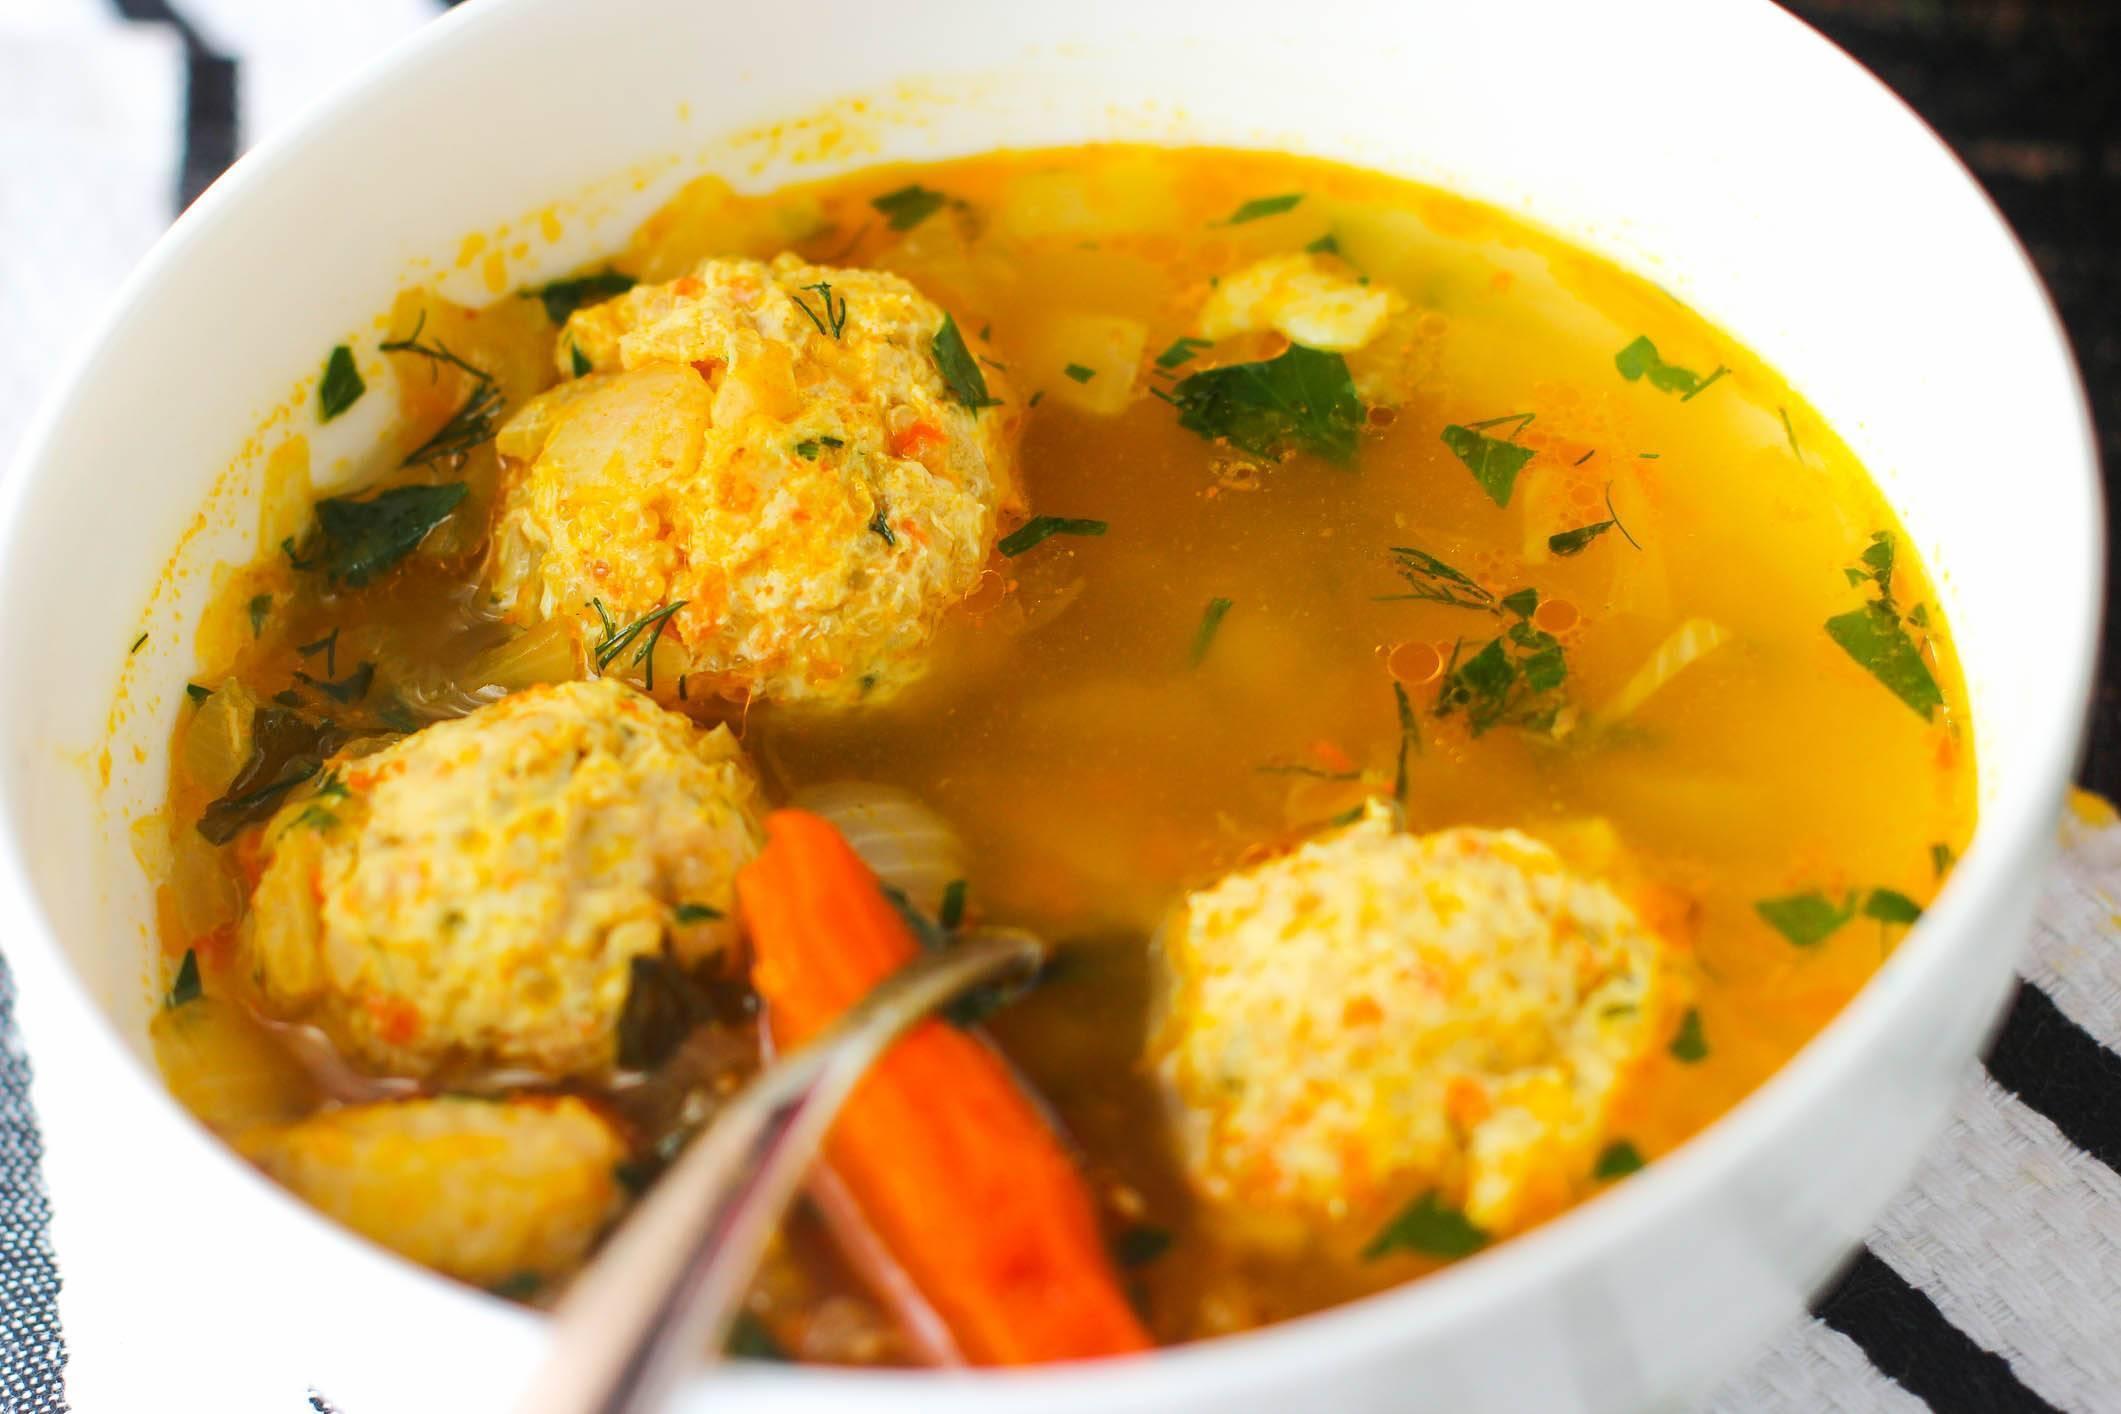 Суп с фрикадельками - 12 простых рецептов с фото и видео